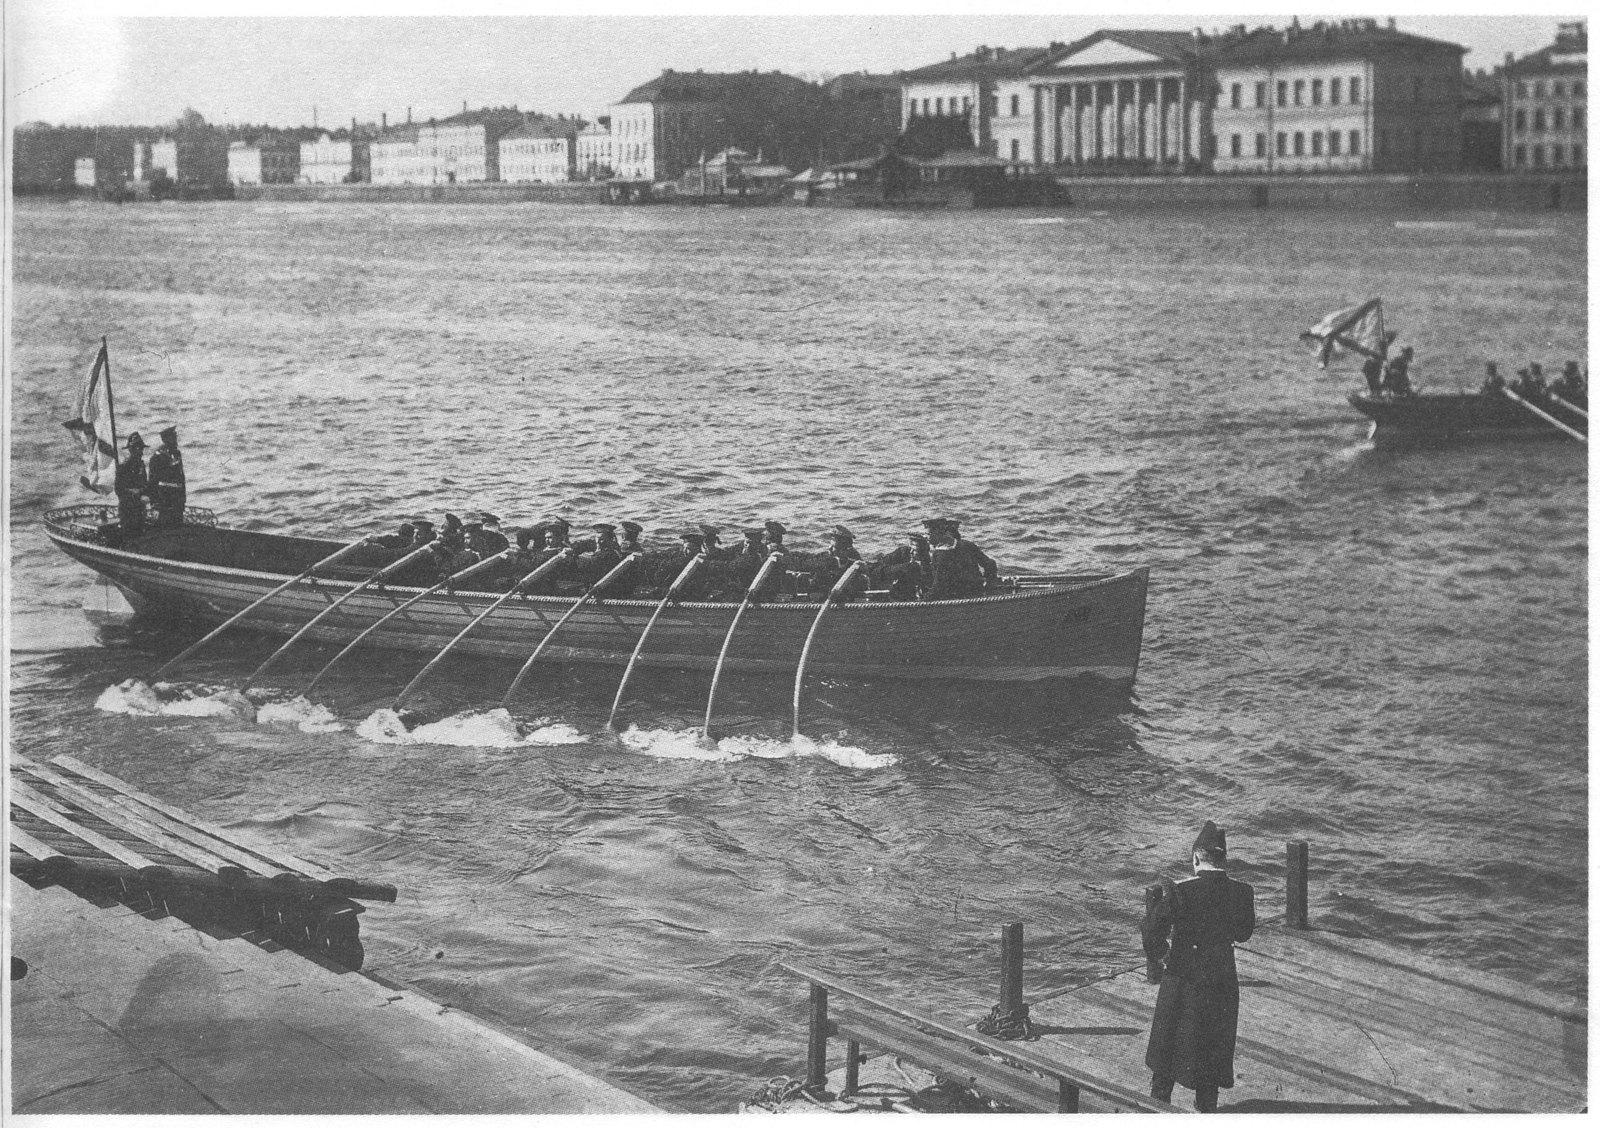 1912. Праздник открытия навигации на Неве.  Гонка 16-ти весельных баркасов. 21 апреля